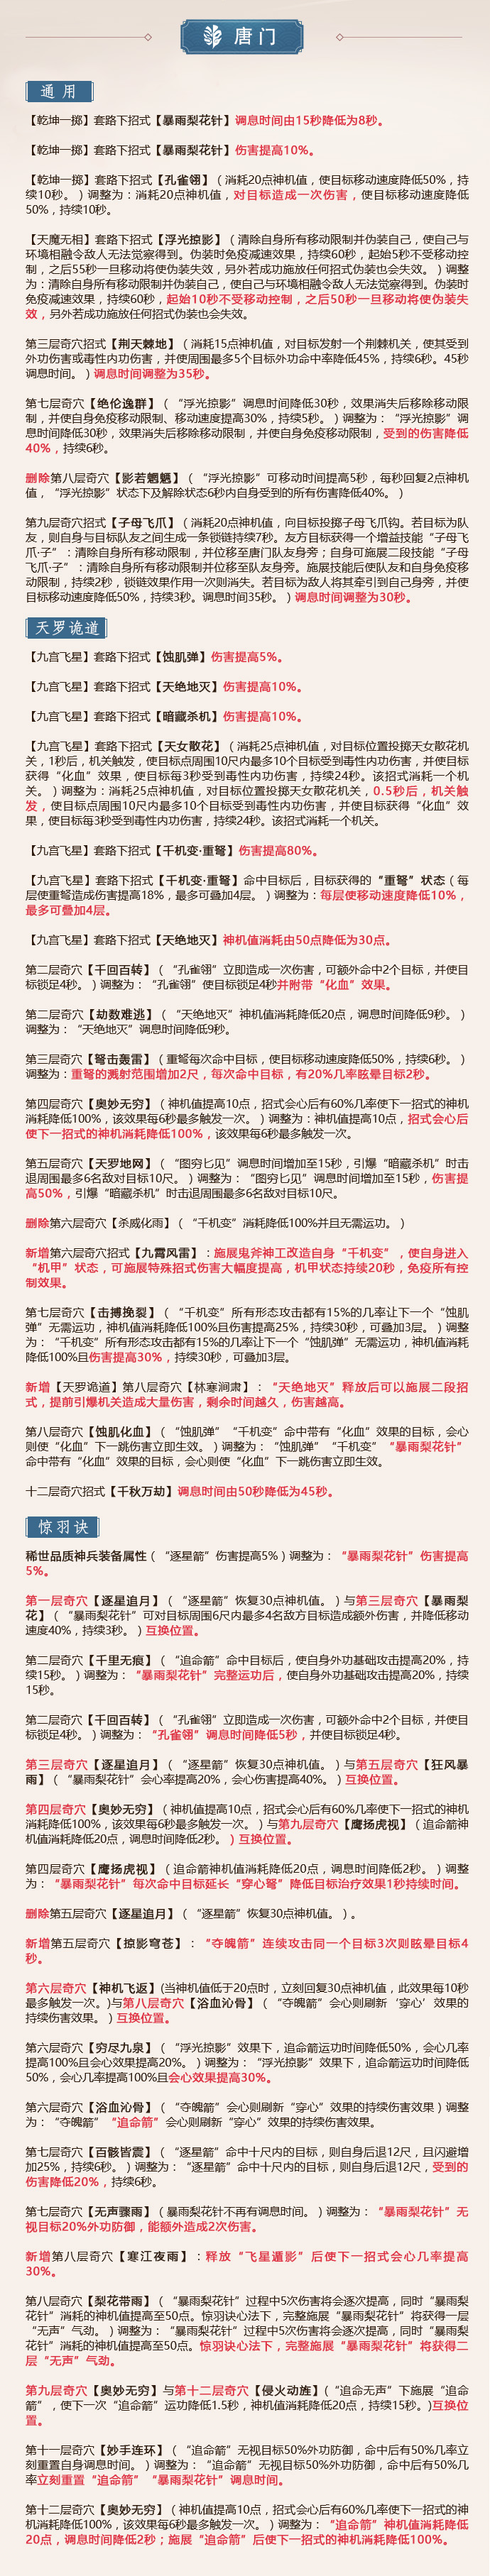 《剑网3》怒海争锋6月20日唐门技改